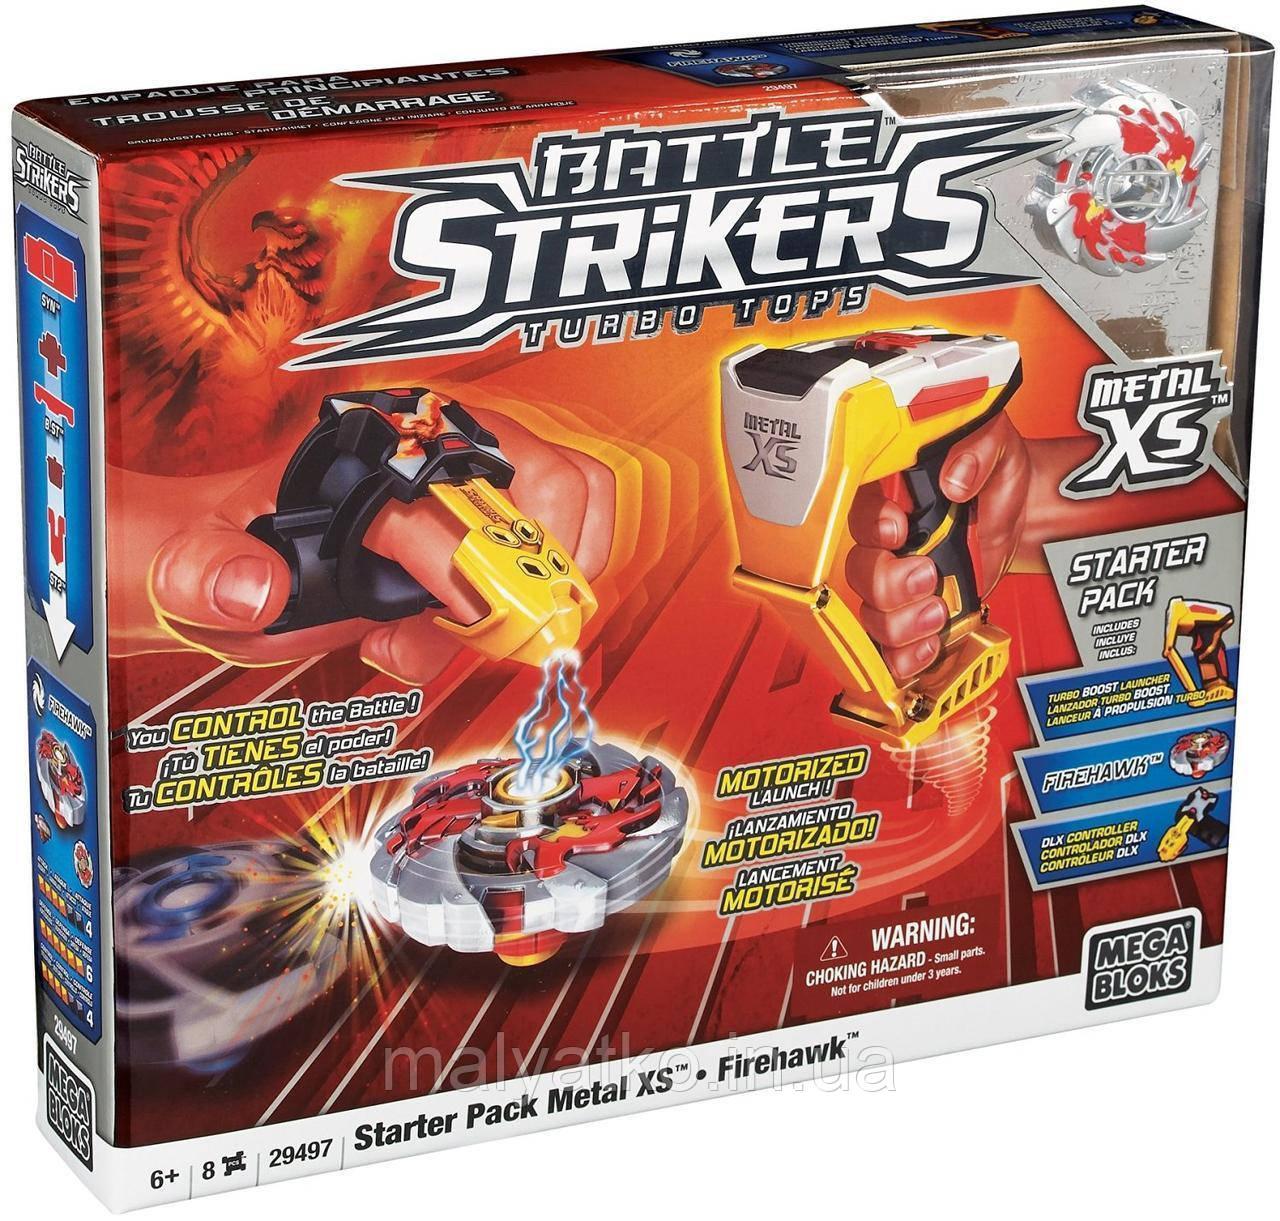 Ігровий набір волчек Вогненний Яструб - Firehawk, Metal XS, Starter Pack, Battle Strikers, Mega Bloks - фото 3